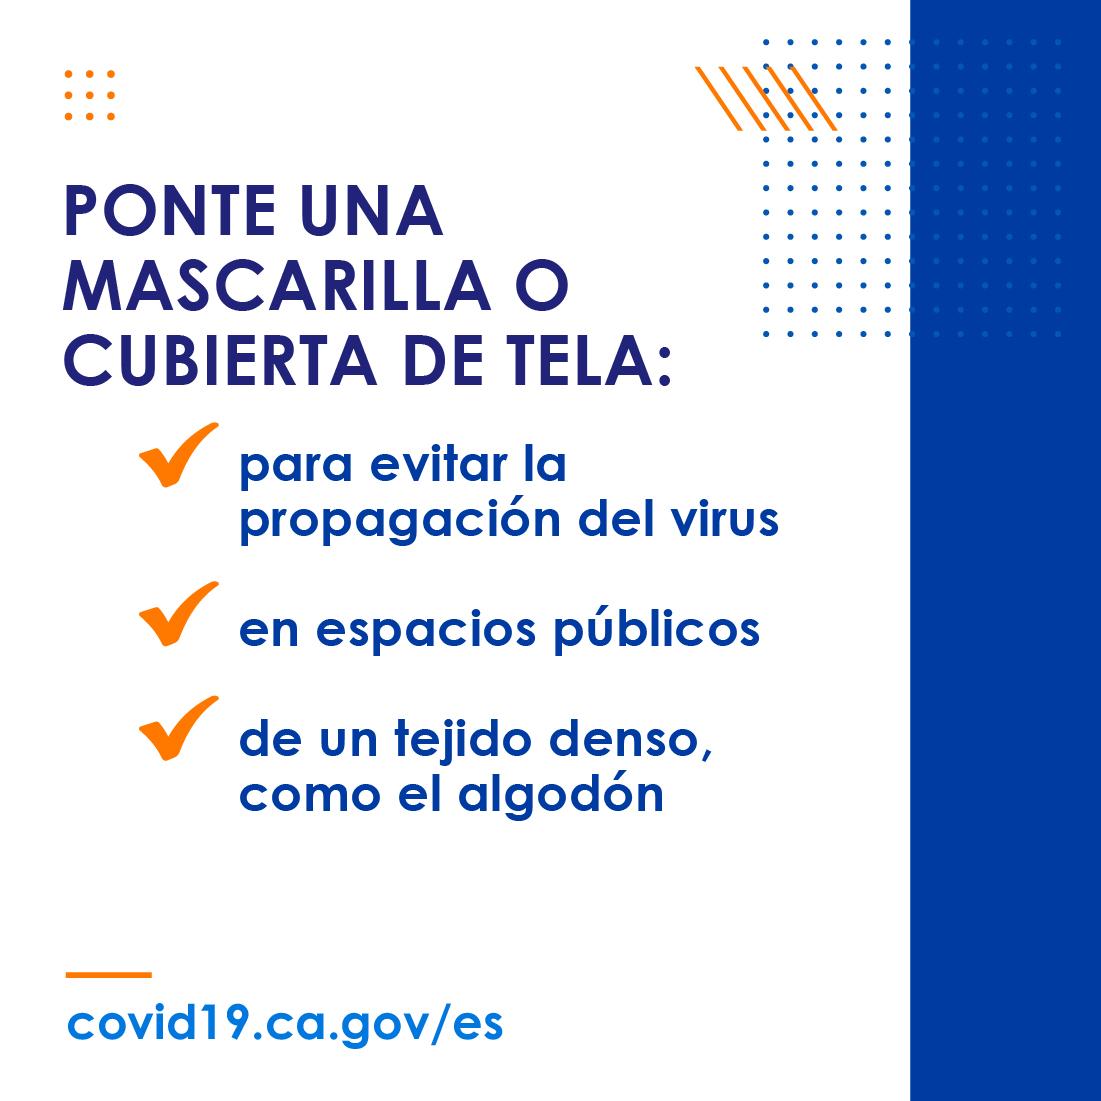 Ponte una mascarilla o cubierta de tela: para evitar la propagacion del virus. en espacios publicos. de un tejido denso, como el algodon